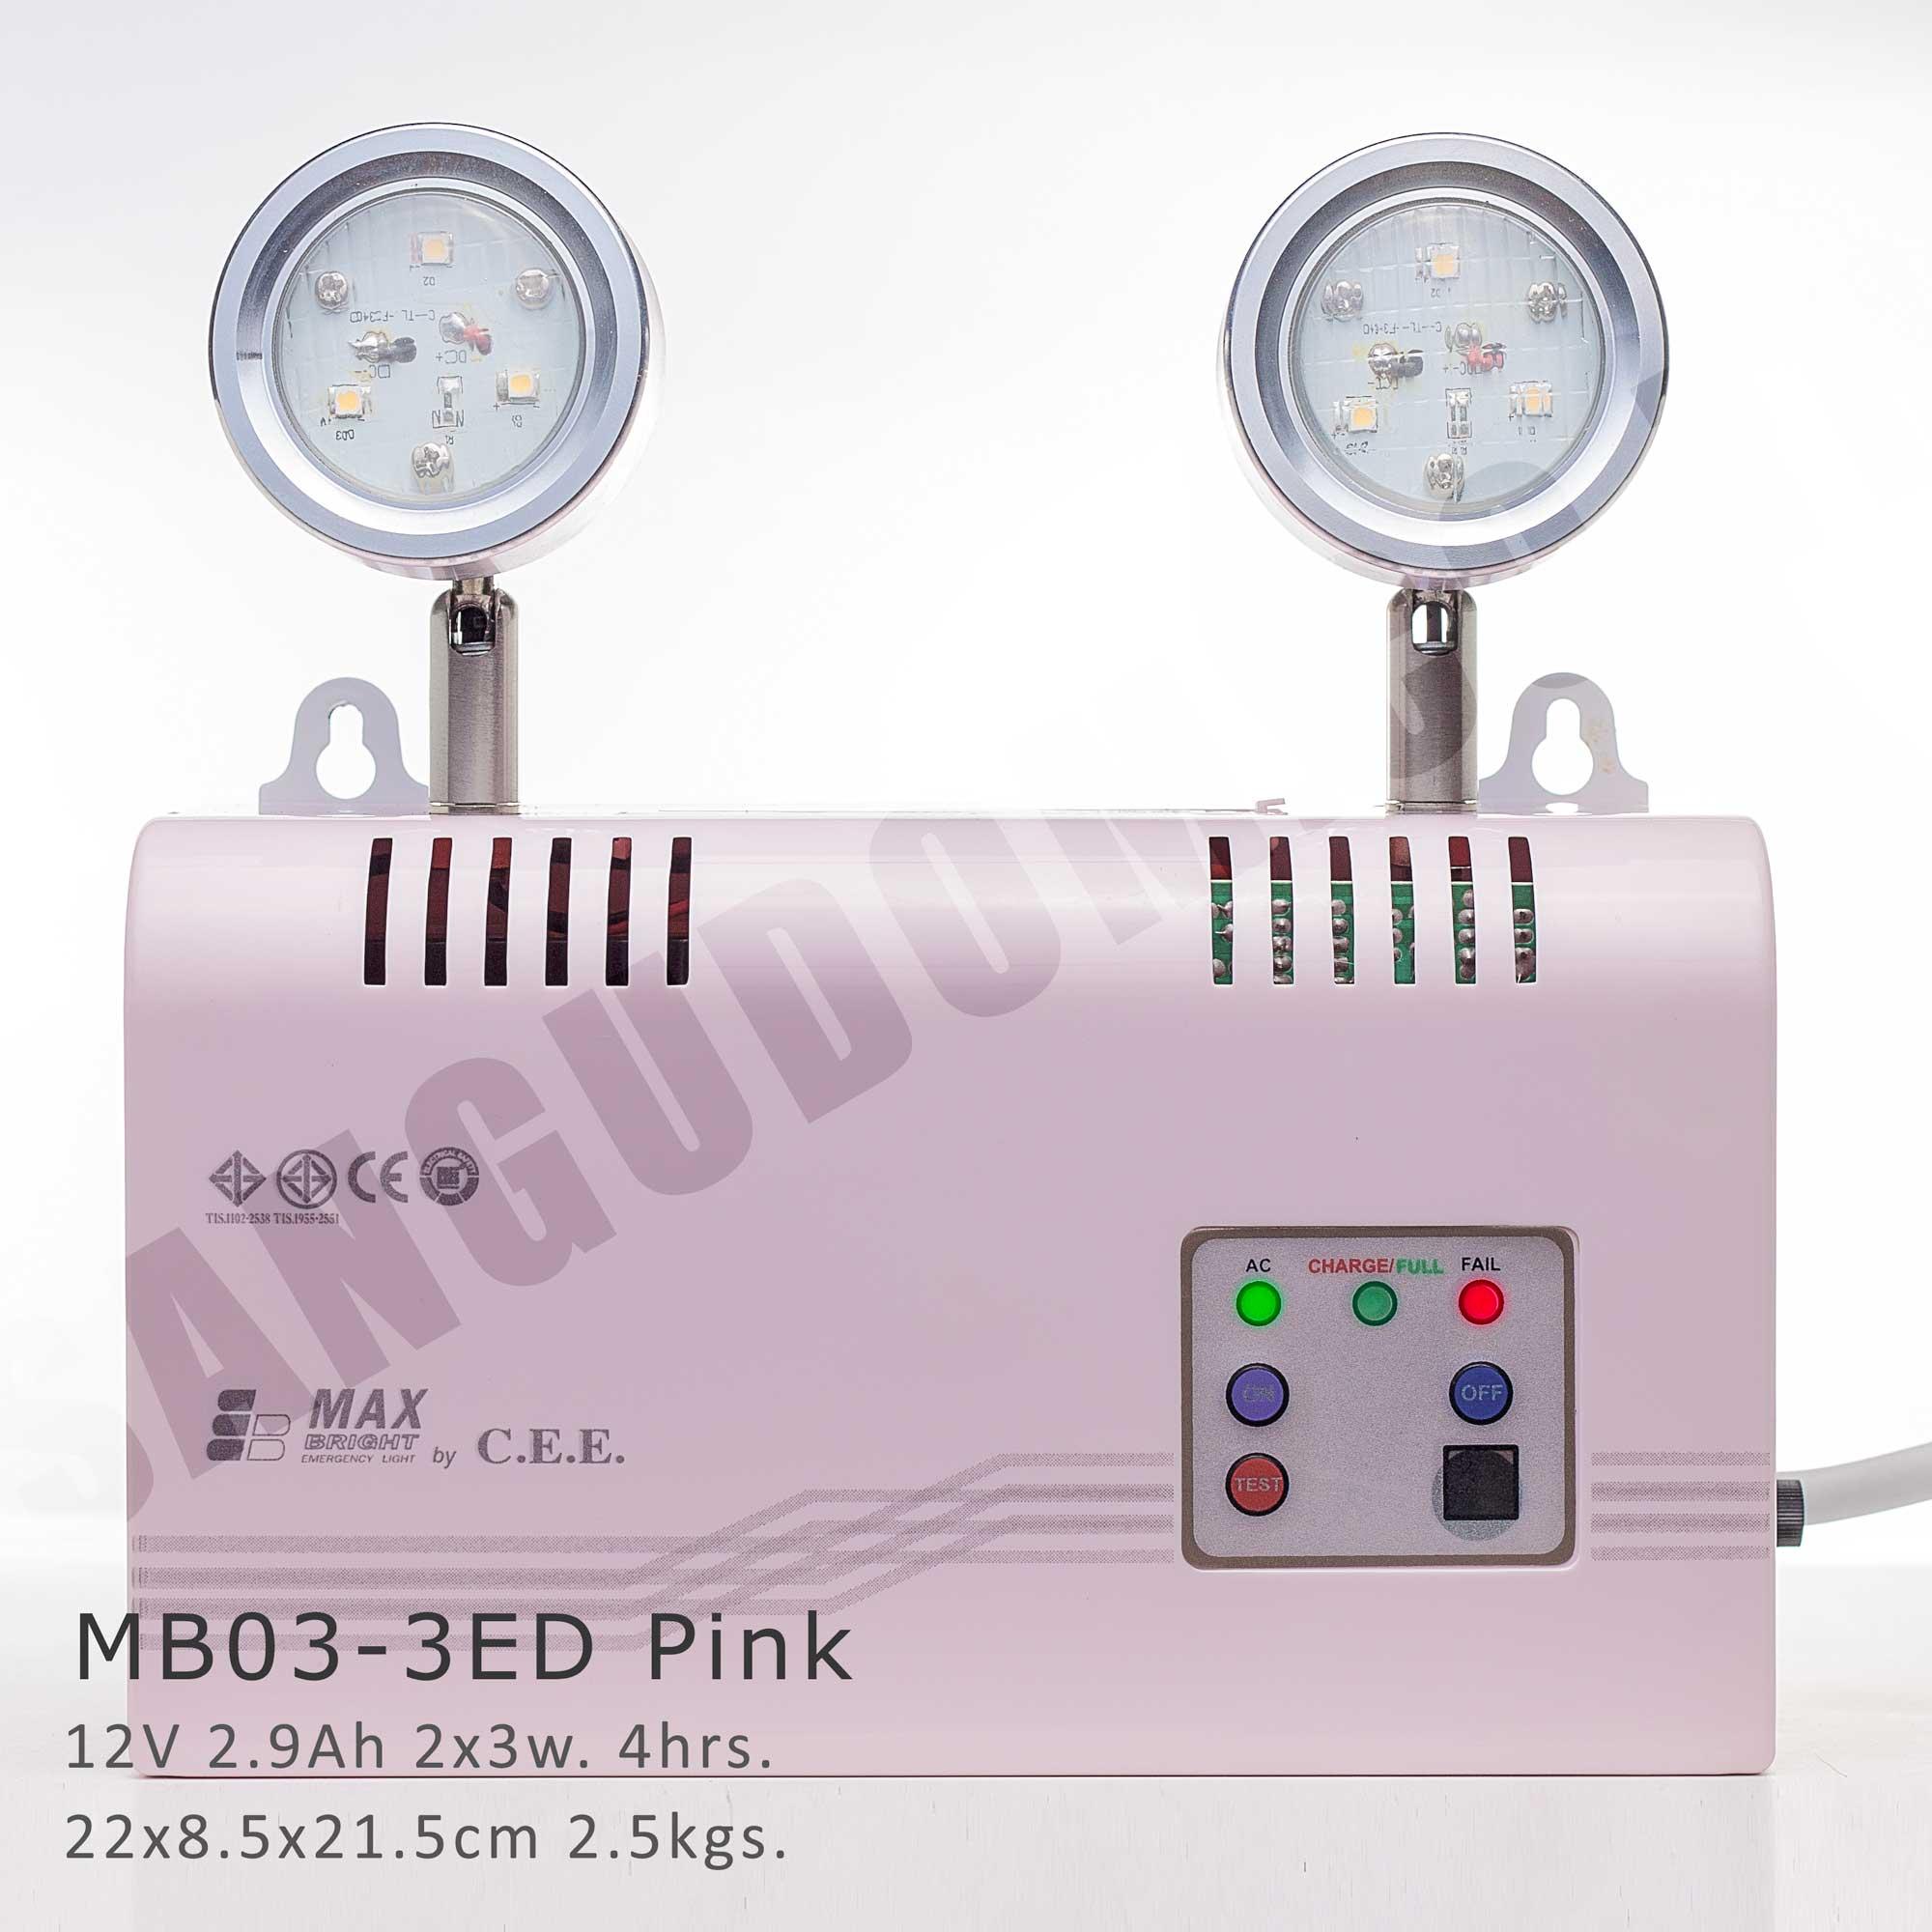 โคมไฟฉุกเฉิน LED 2 หลอด 3 watt 12V 2.9Ah 4hrs สีชมพู MB03-3ED MAX BRIGHT Emergency Light